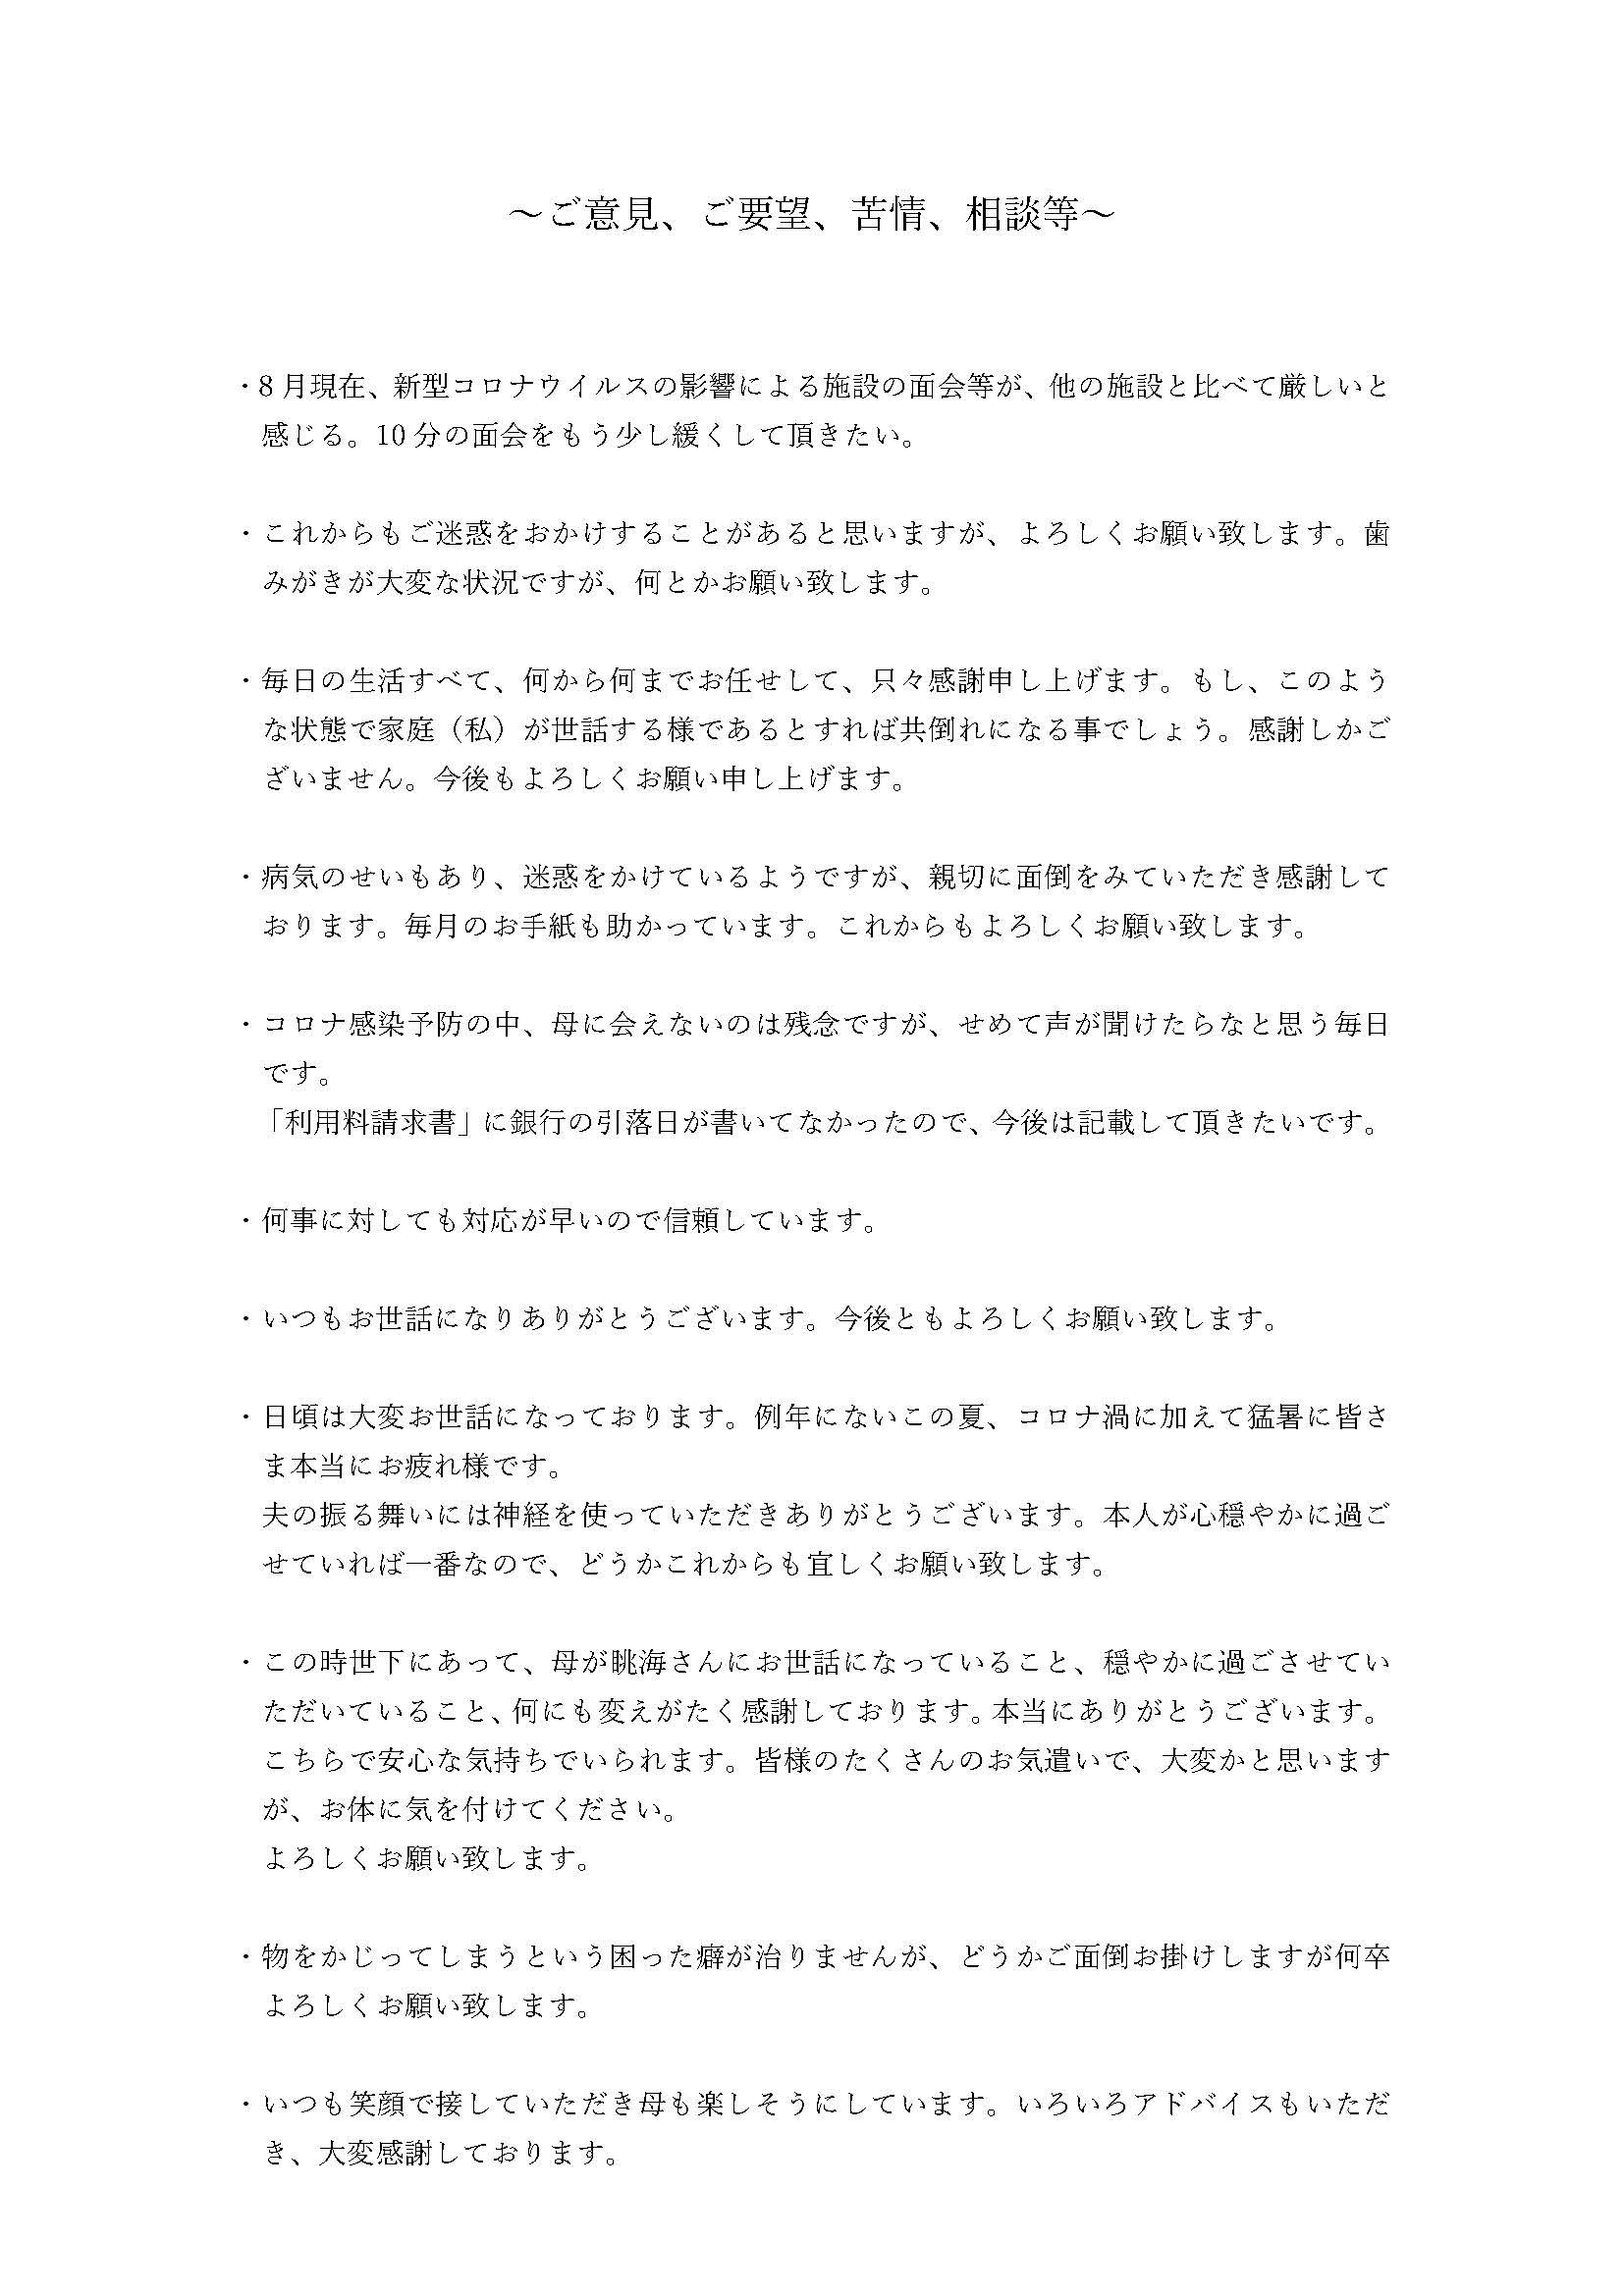 グループホーム眺海 アンケート結果5